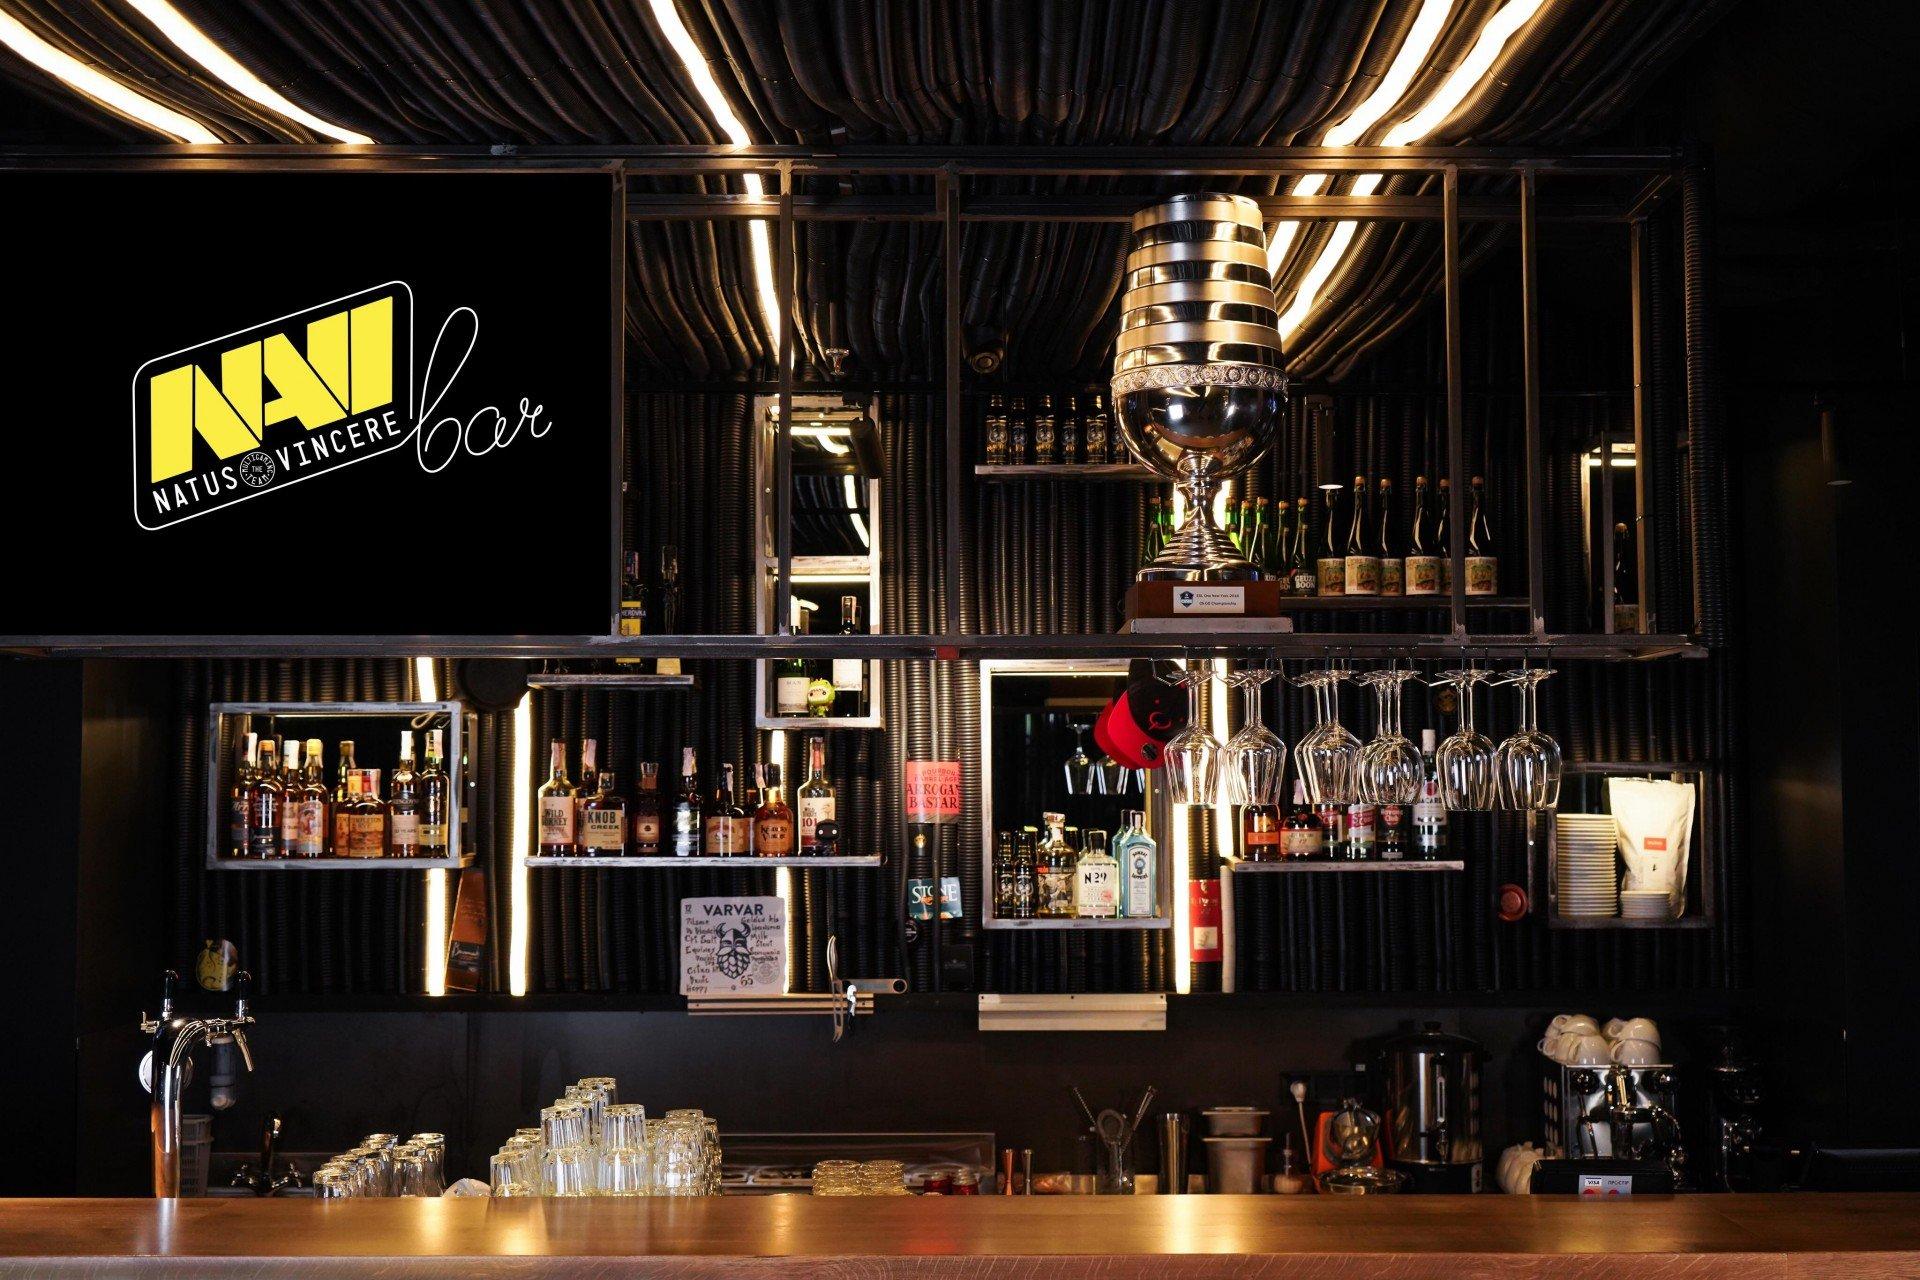 NAVI хотят открыть свой киберспортивный бар